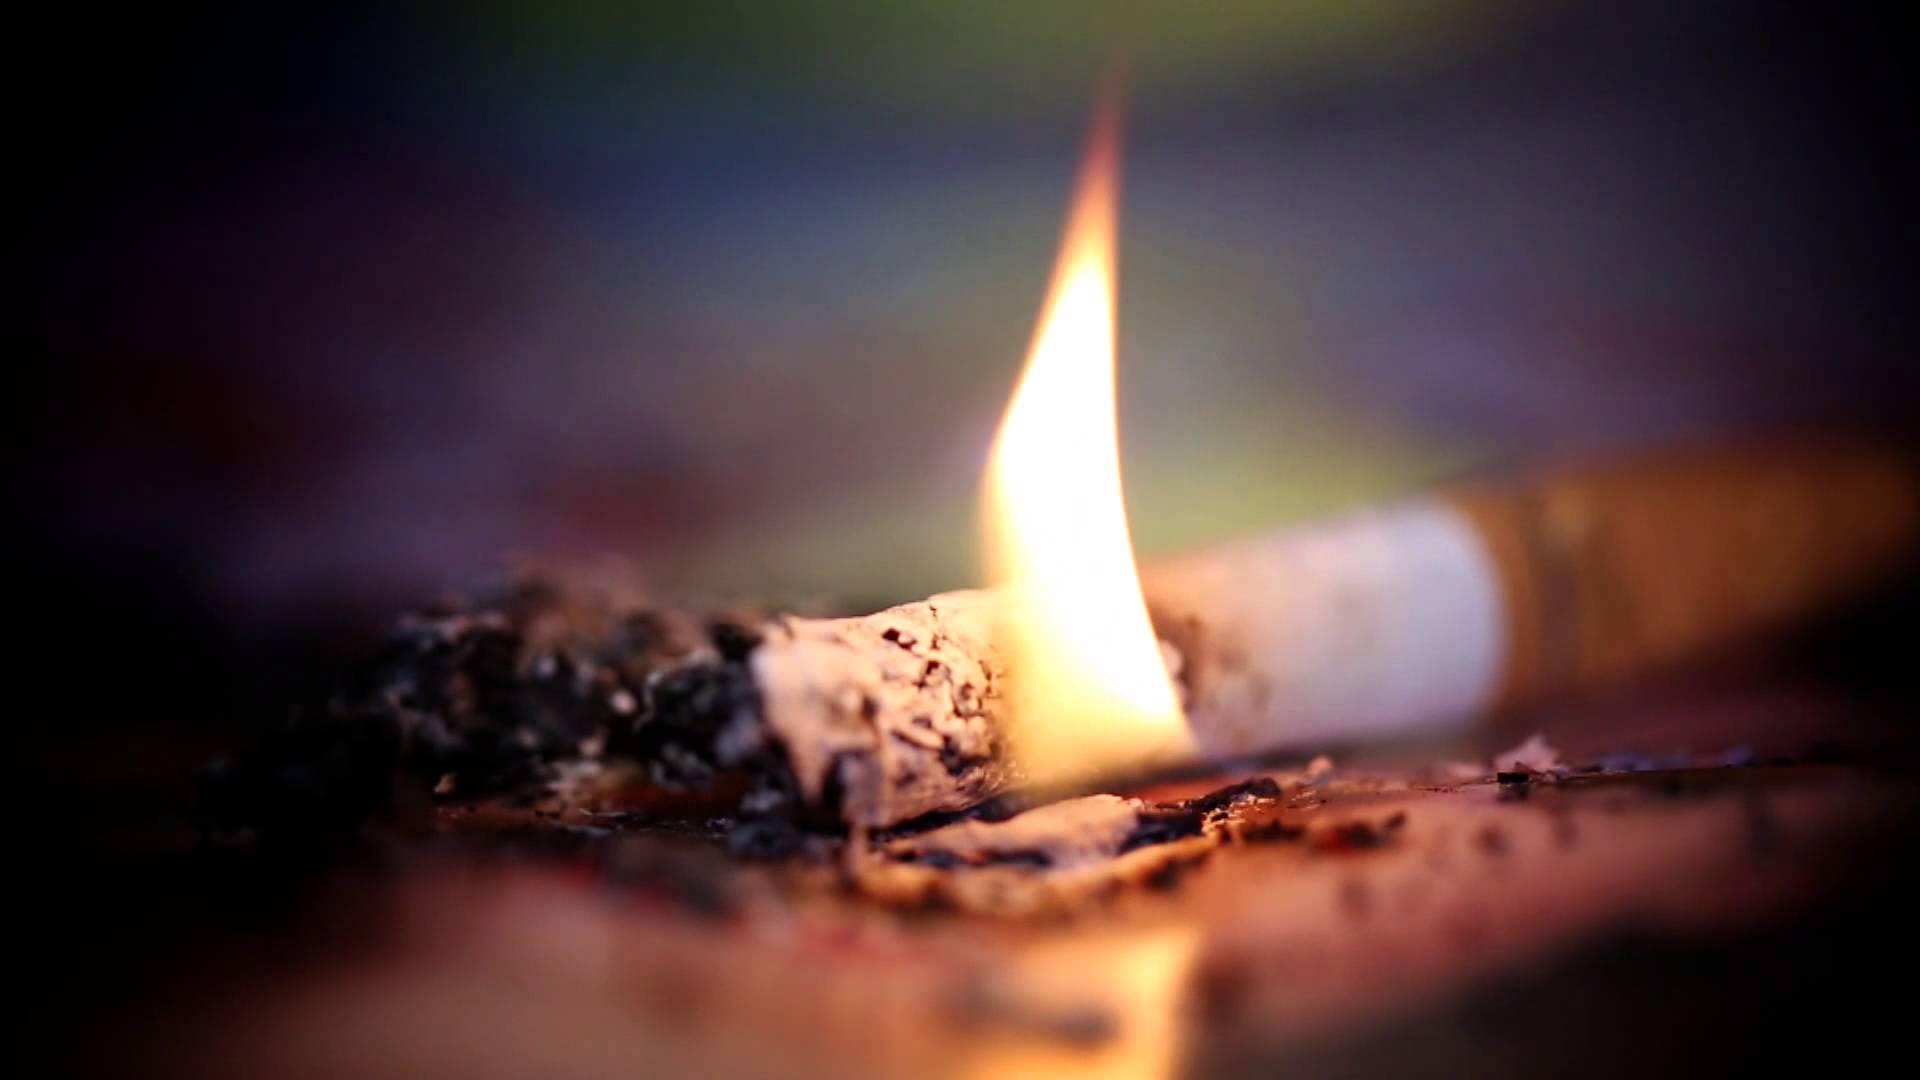 В Приднестровье из-за непогашенных окурков пьяных хозяев загорелись два дома